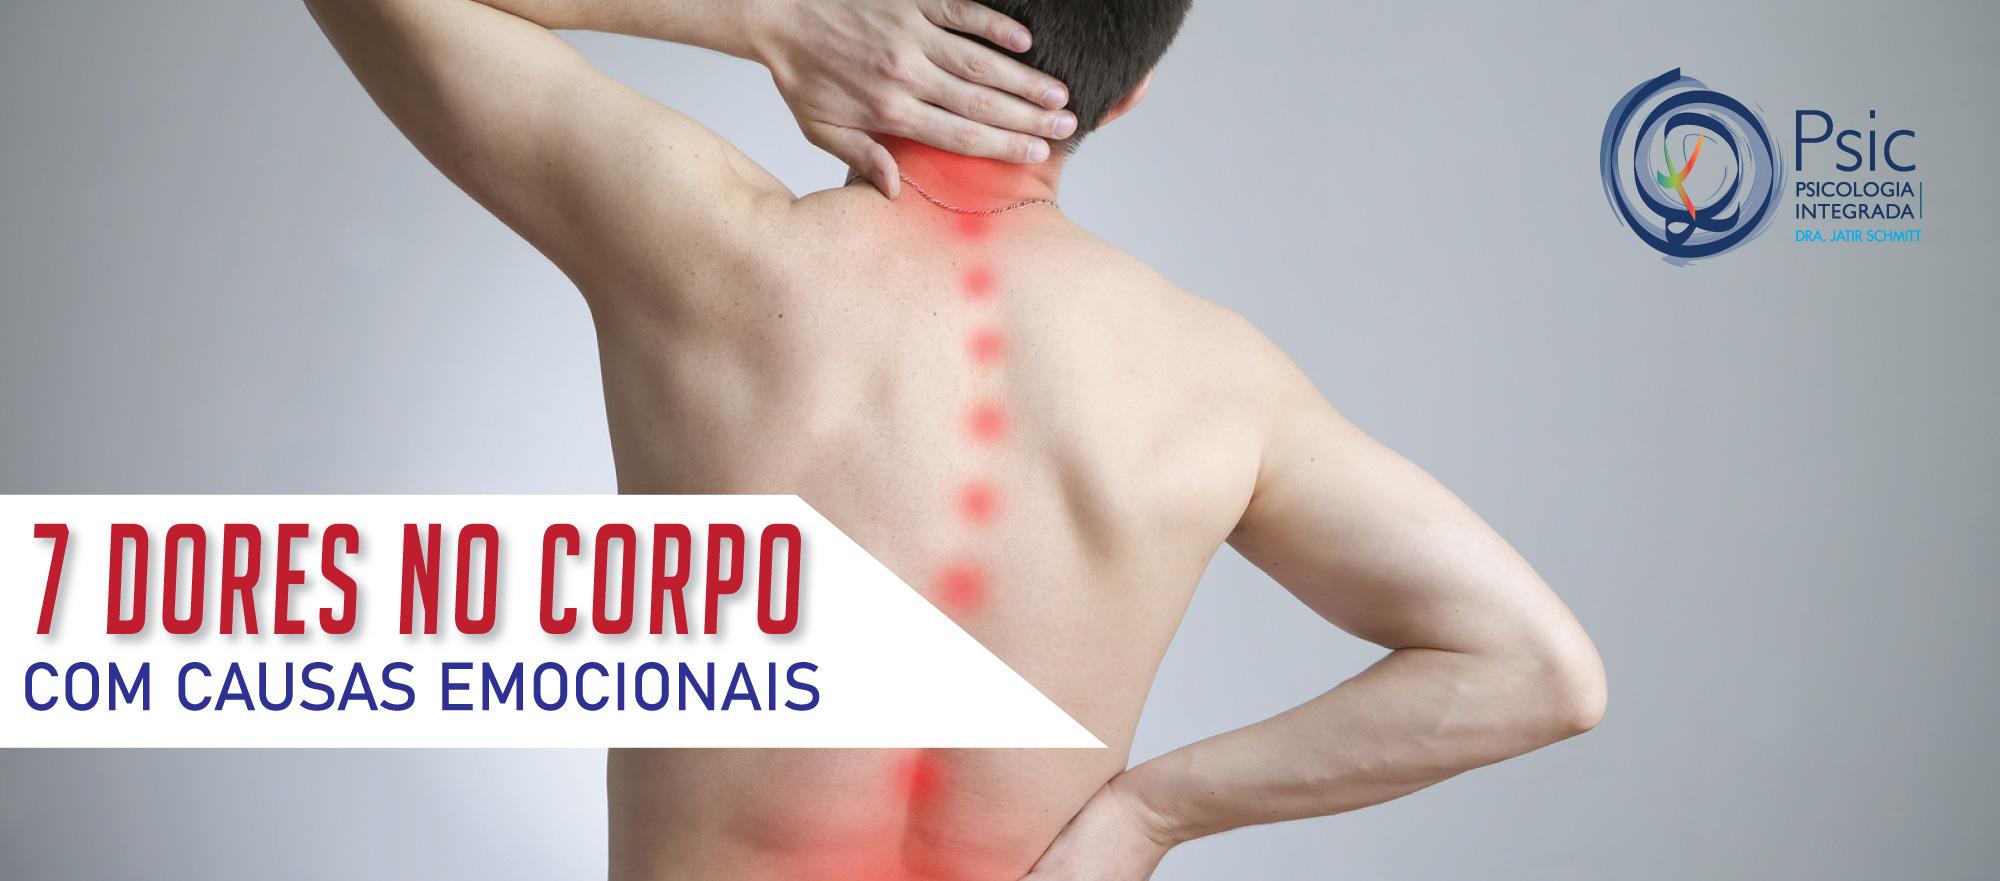 7 dores no corpo com causas emocionais